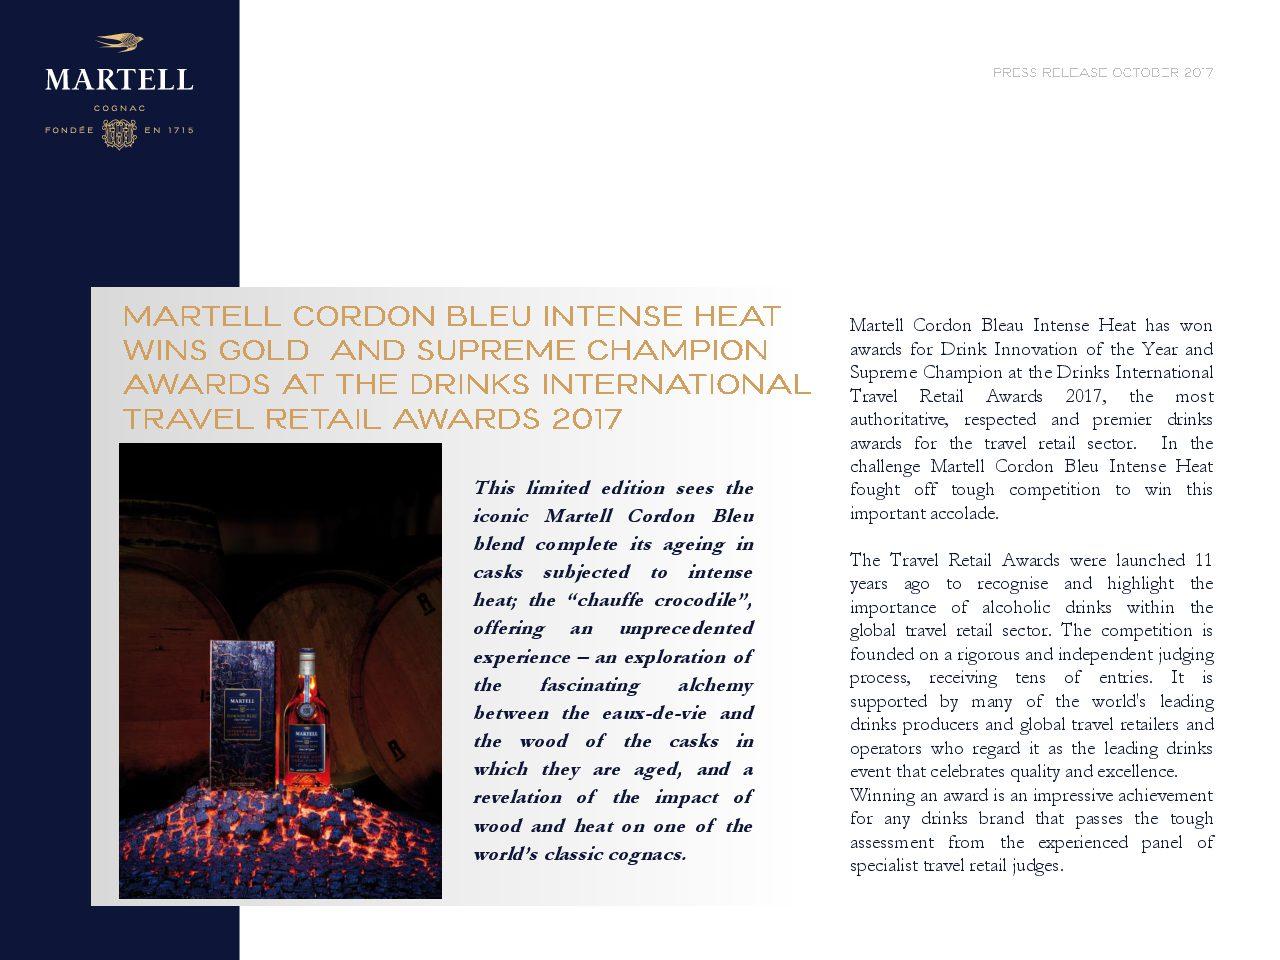 Martell Cordon Bleu Intense Heat Drinks International Award 2017